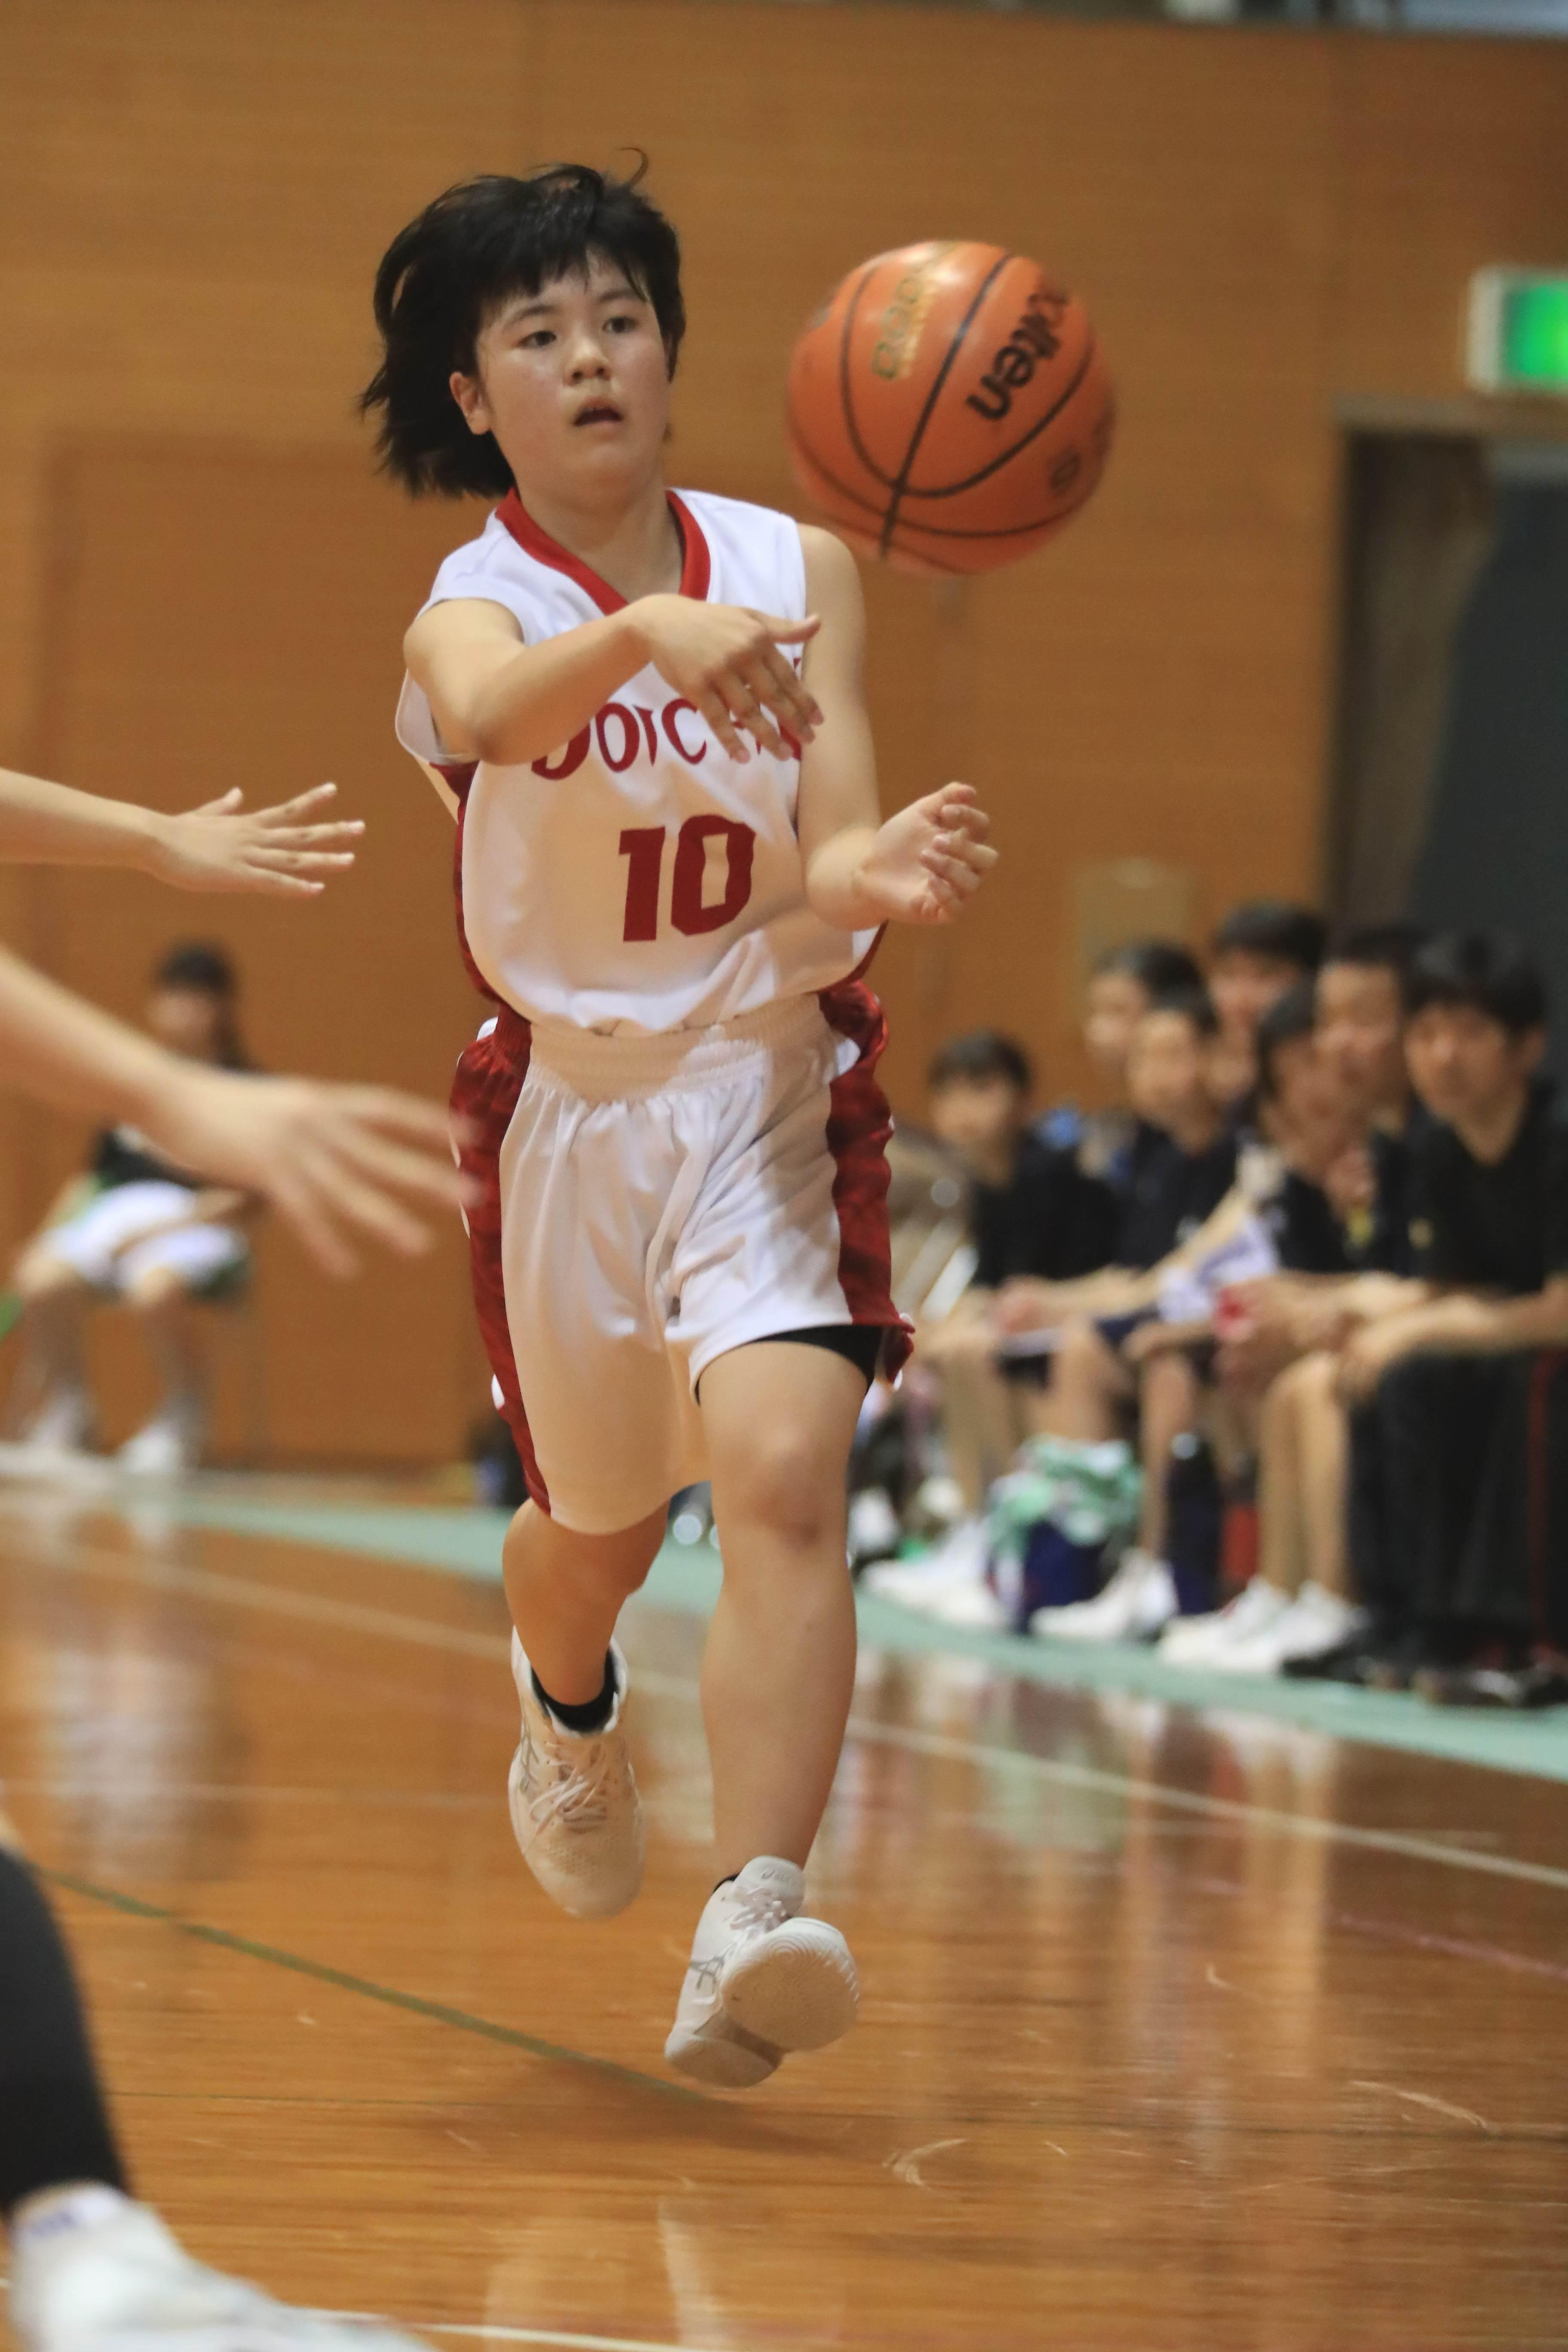 バスケットボール (85)